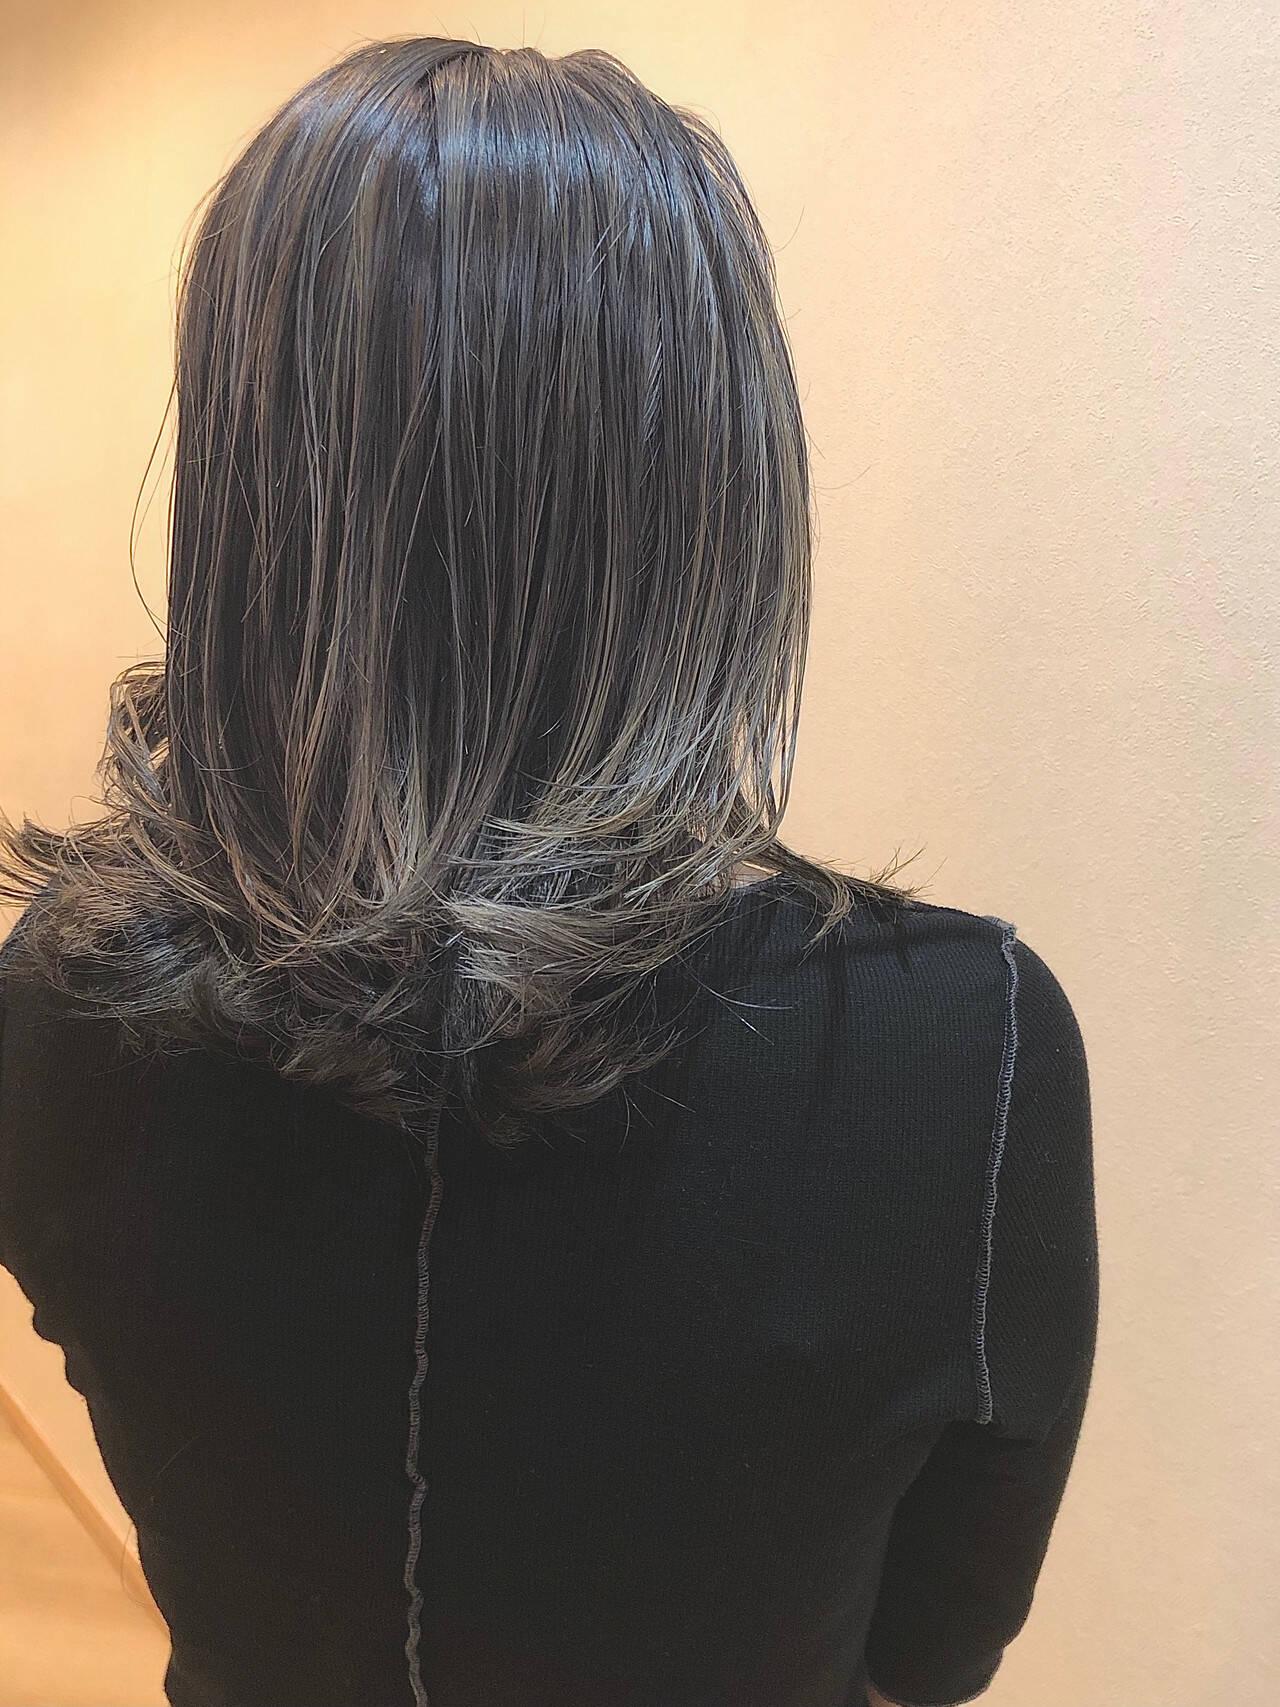 ブリーチ 外国人風 バレイヤージュ 外国人風カラーヘアスタイルや髪型の写真・画像